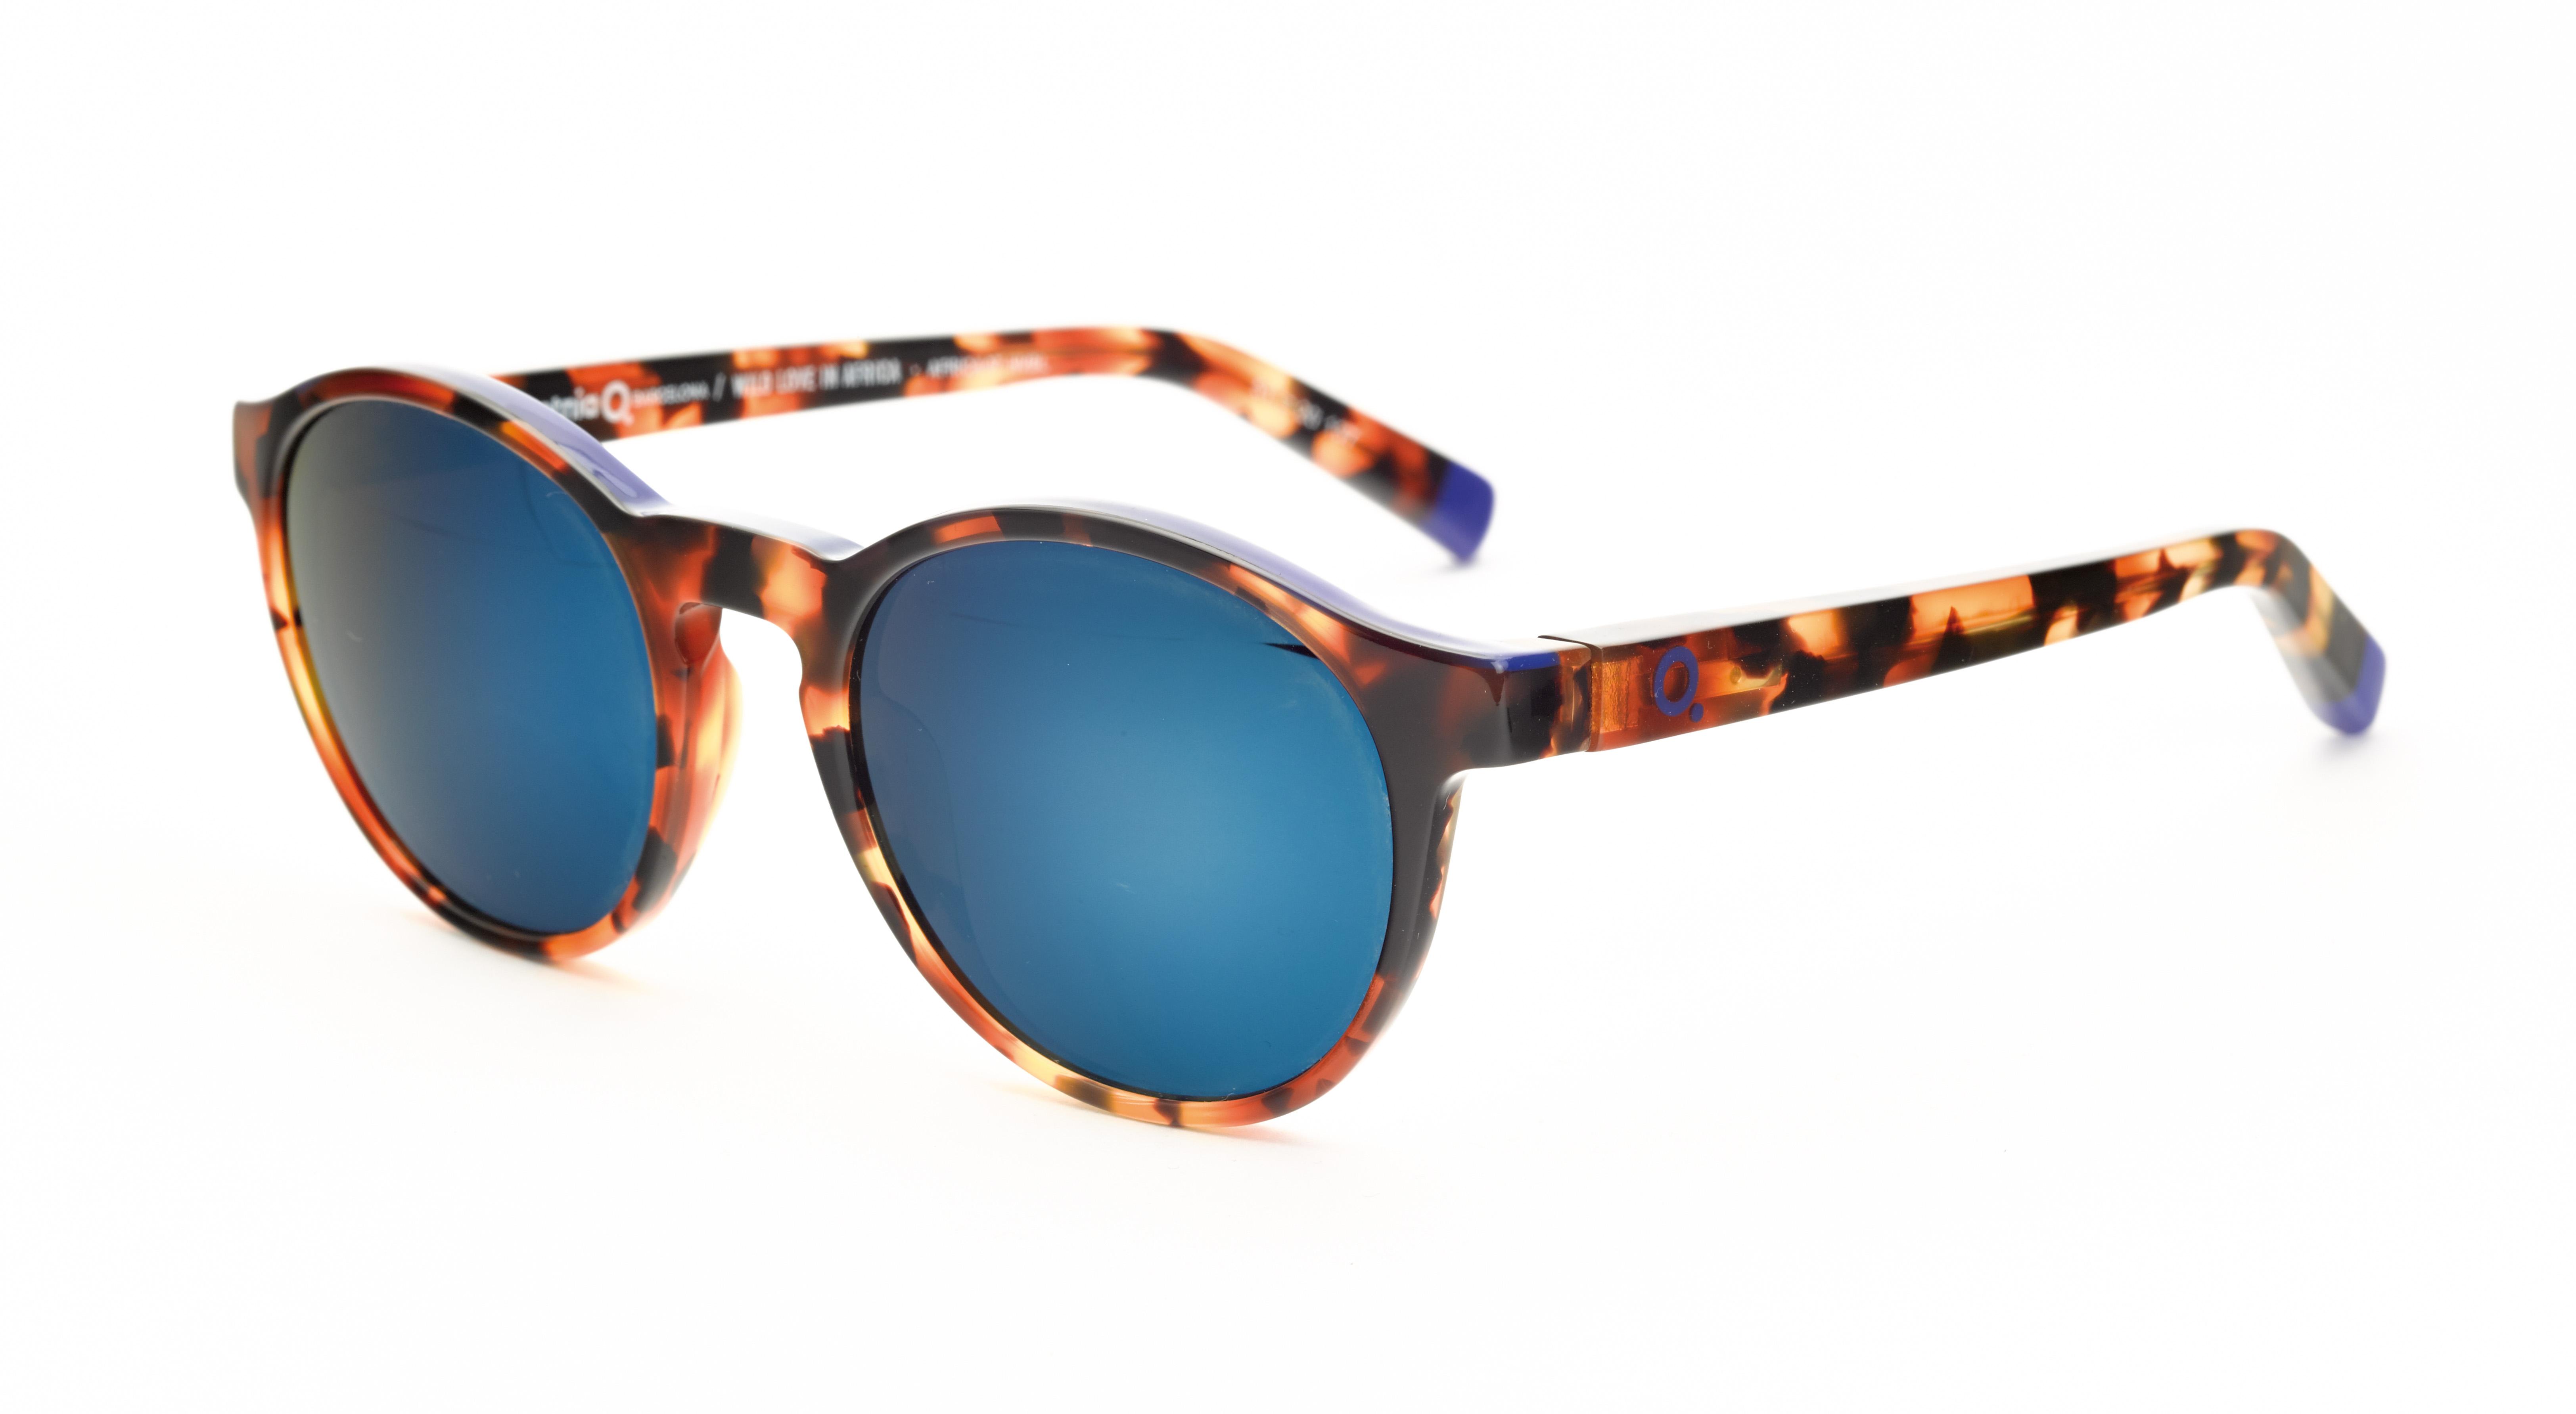 Lunettes de soleil avec verres miroir etnia barcelona 20 for Lunette soleil verre bleu miroir